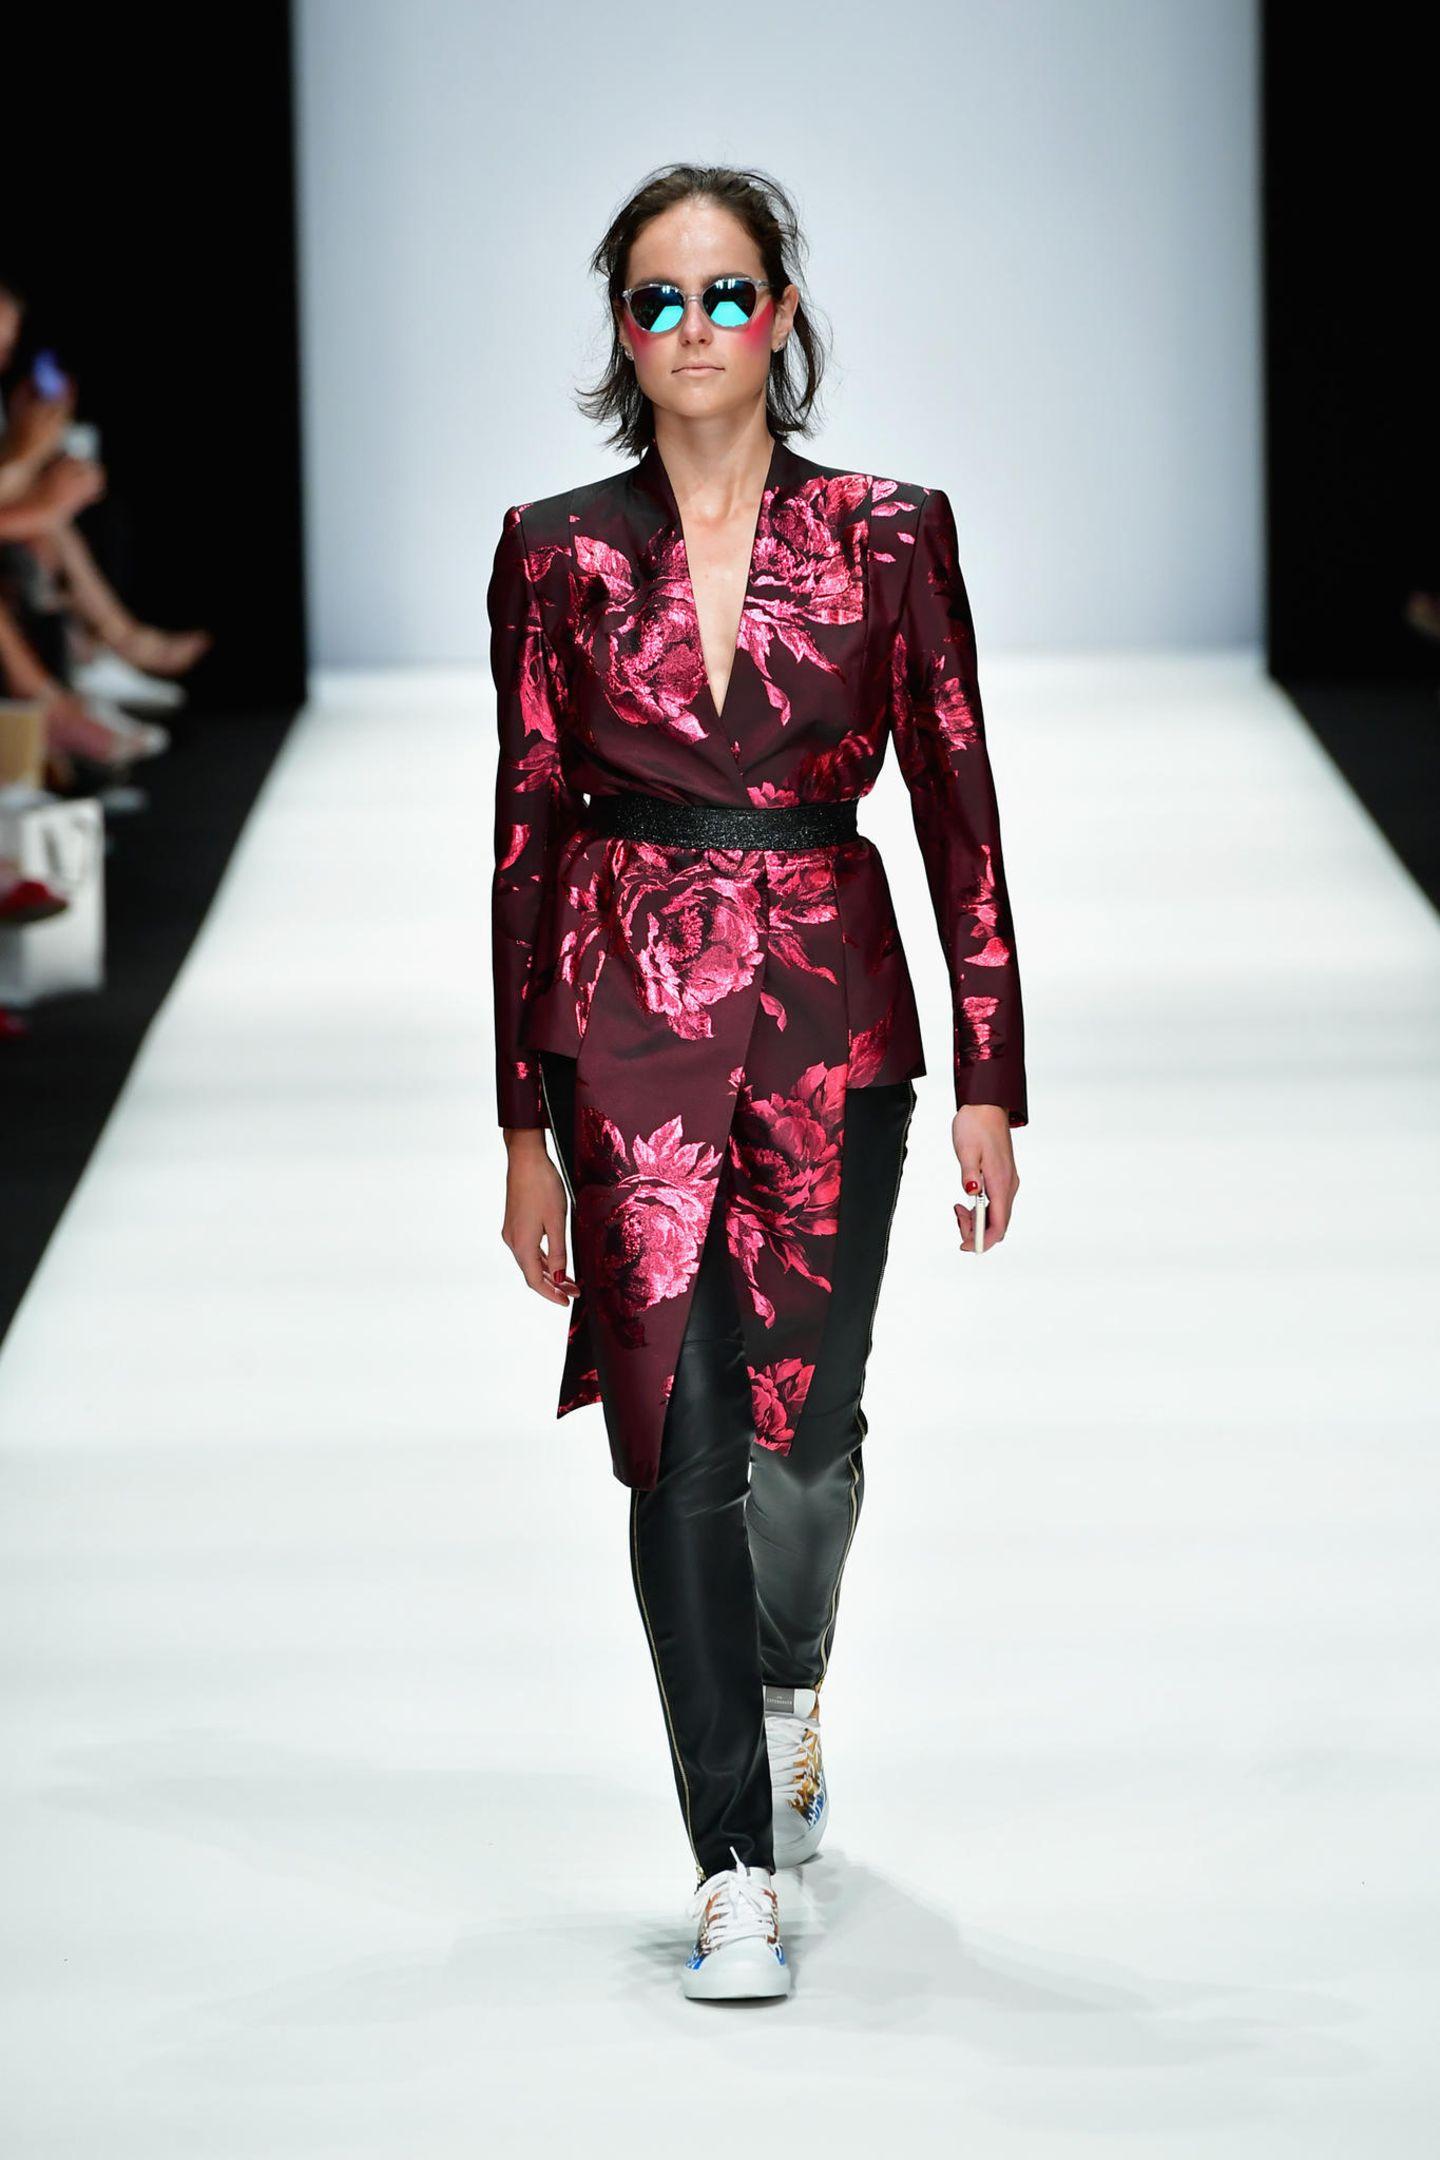 Berlin Fashion Week: Irene Luft